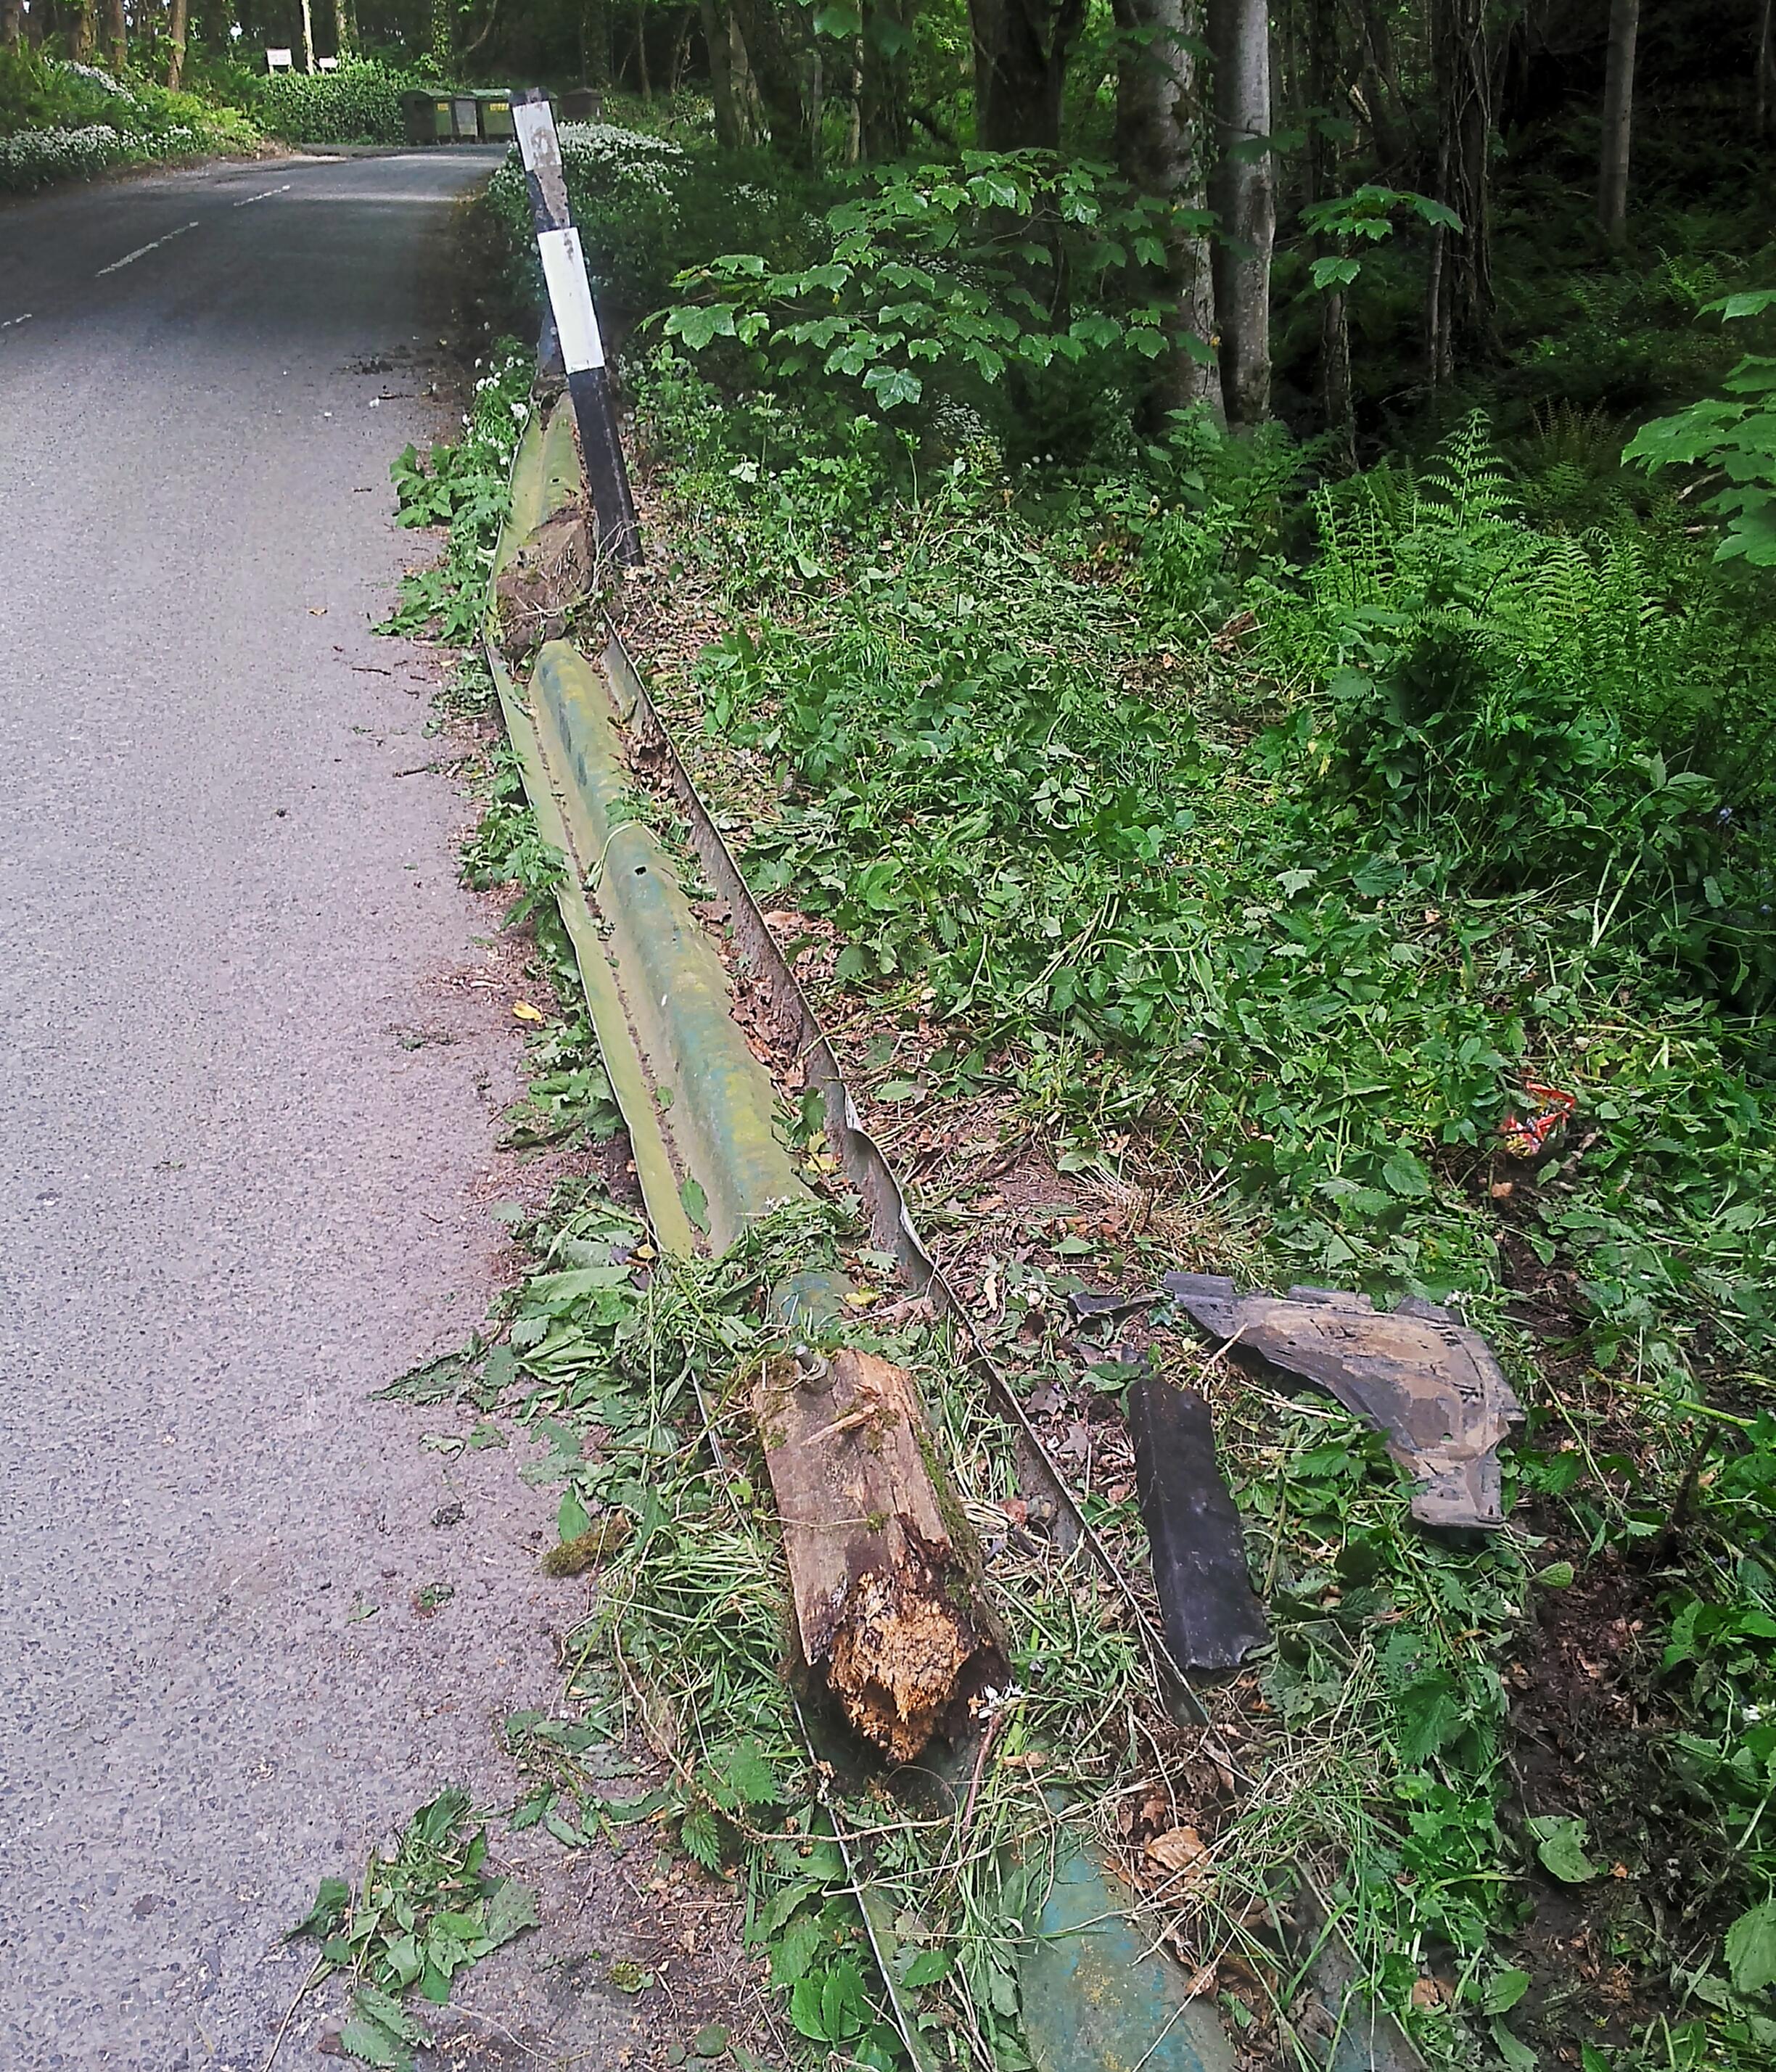 damaged crash-barrier beside the B738 Dunskey Road